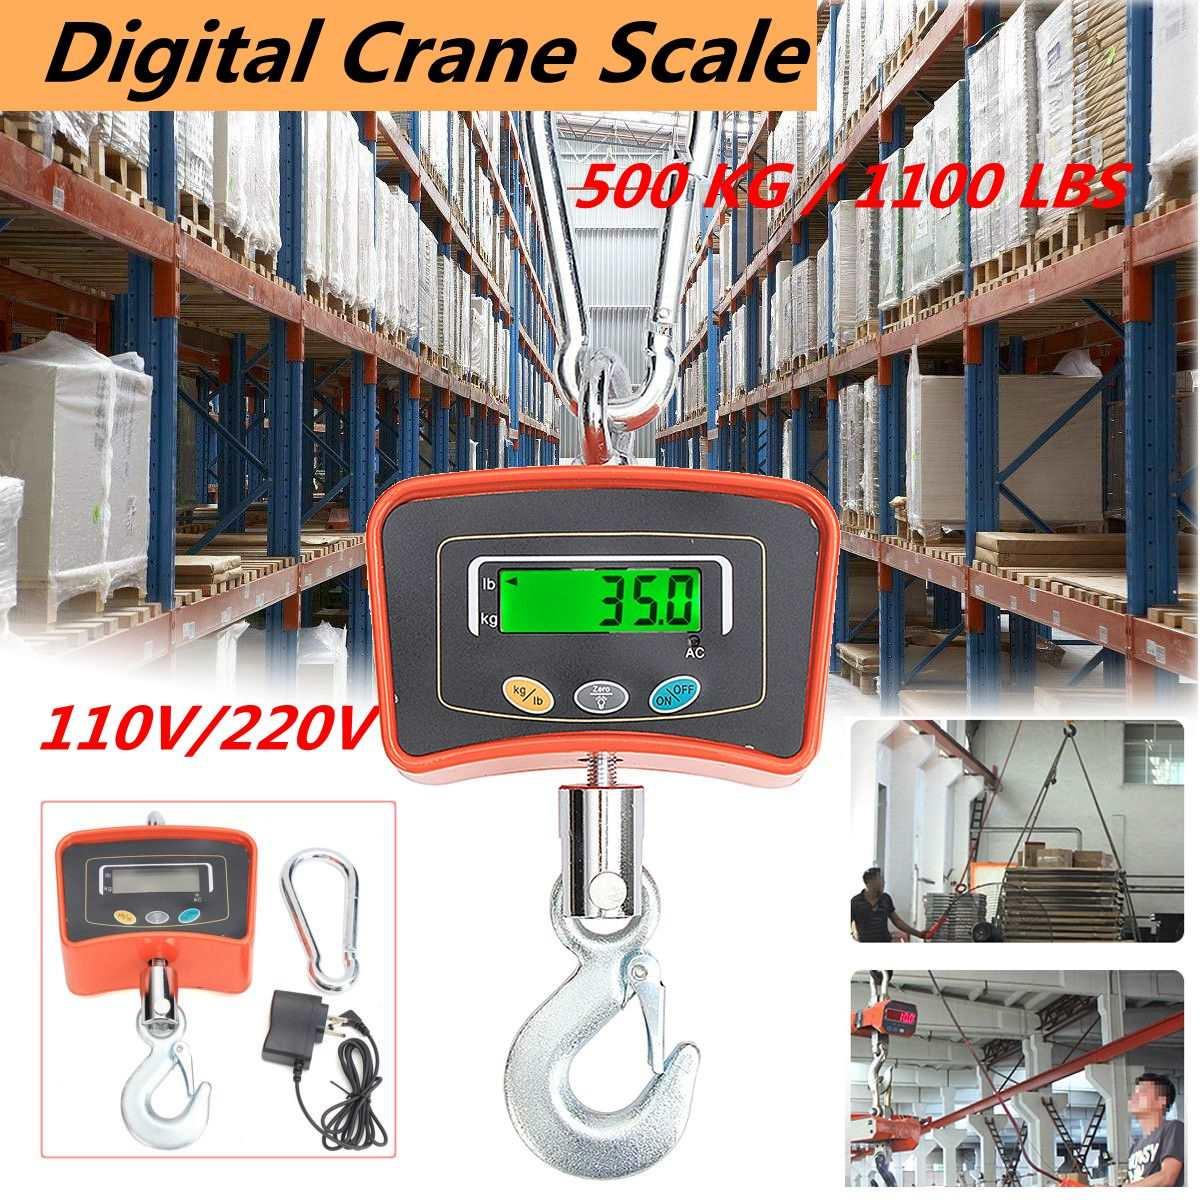 500 кг/1100 фунтов цифровой крановые весы 110 В/220 В тяжелых Весы Крановые промышленные электронные весы инструменты